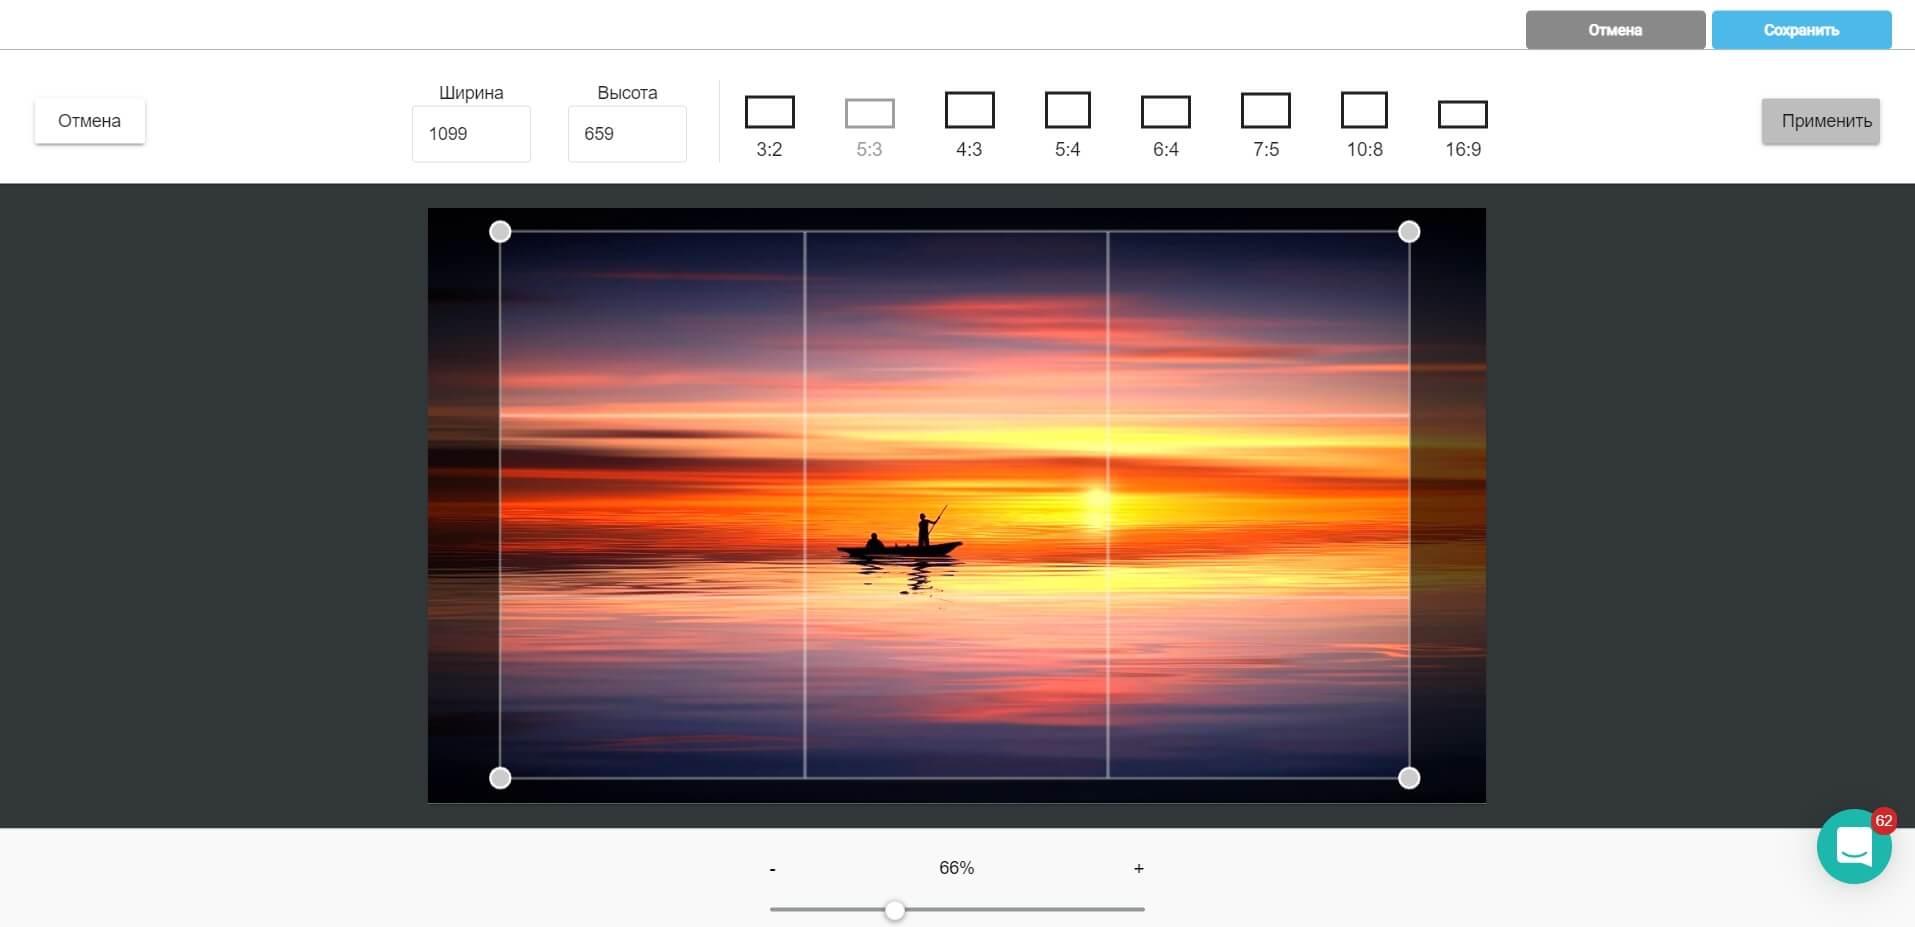 Обрезка картинки в редакторе изображений